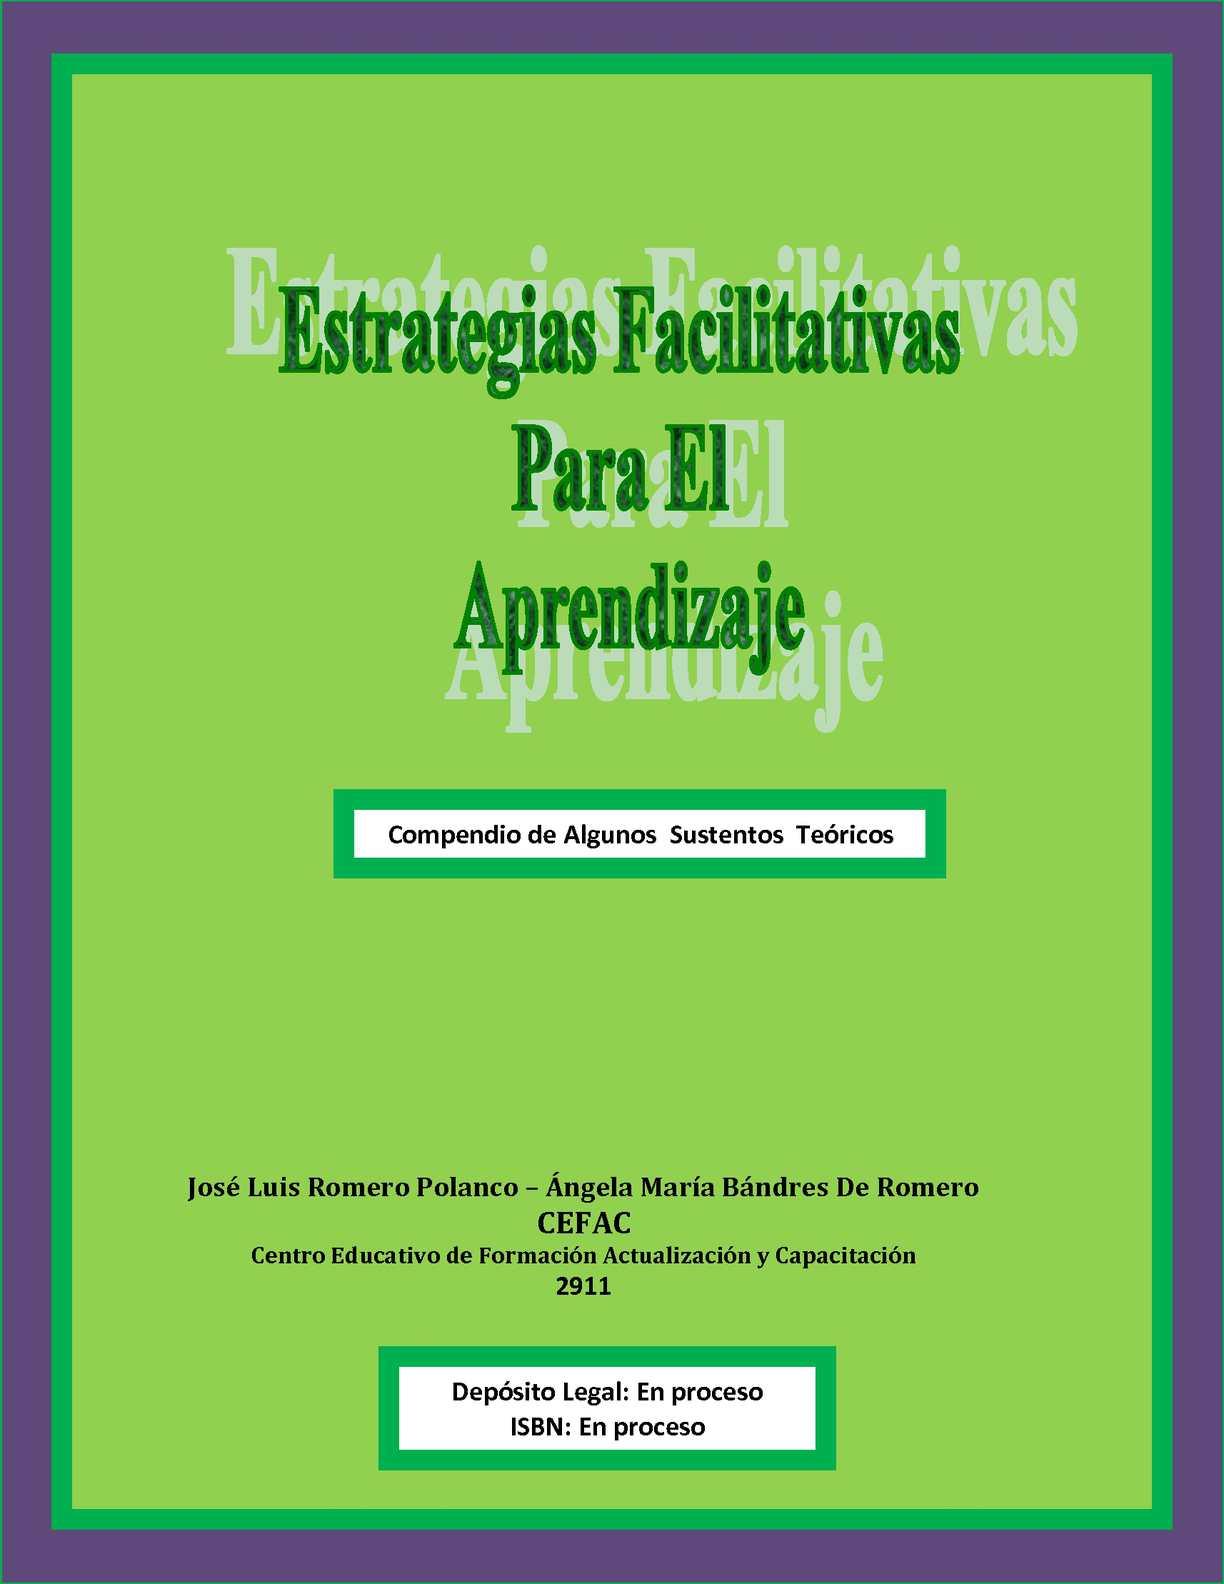 Estrategias Facilitativas para el Aprendizaje. Compendio de Algunos  Sustentos  Teóricos.